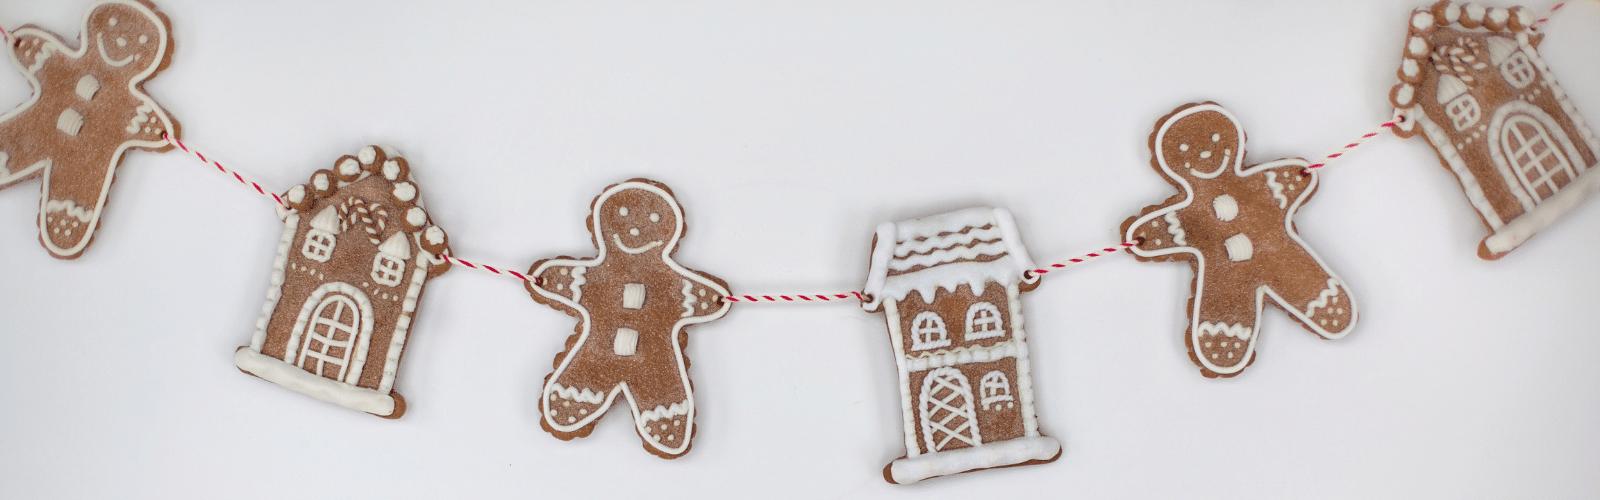 Ateliers de Noël : 3 idées DIY pour s'amuser en famille !